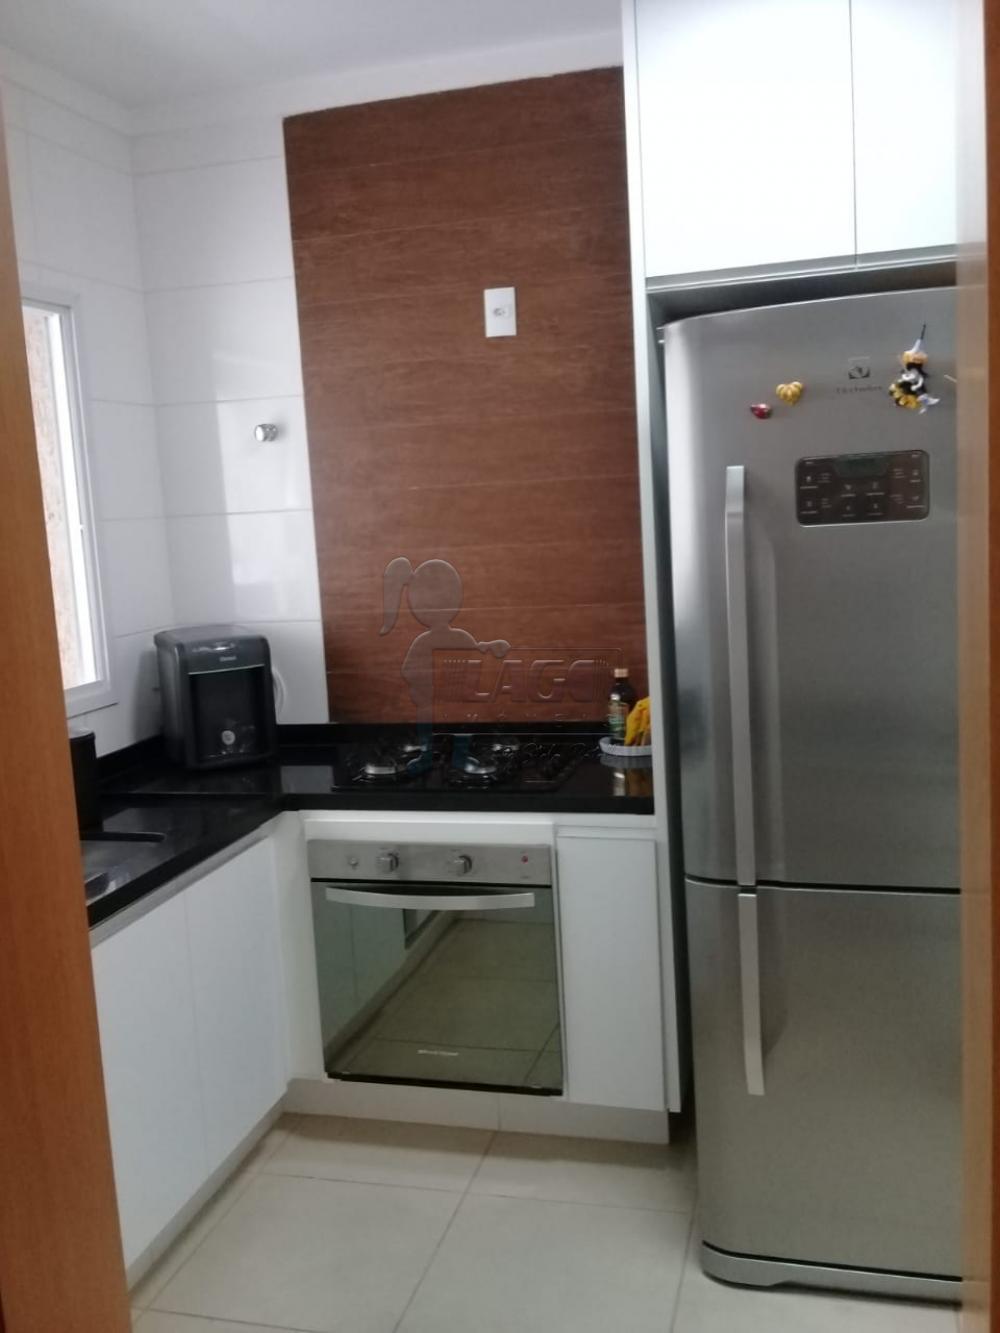 Comprar Apartamento / Padrão em Ribeirão Preto apenas R$ 535.000,00 - Foto 11